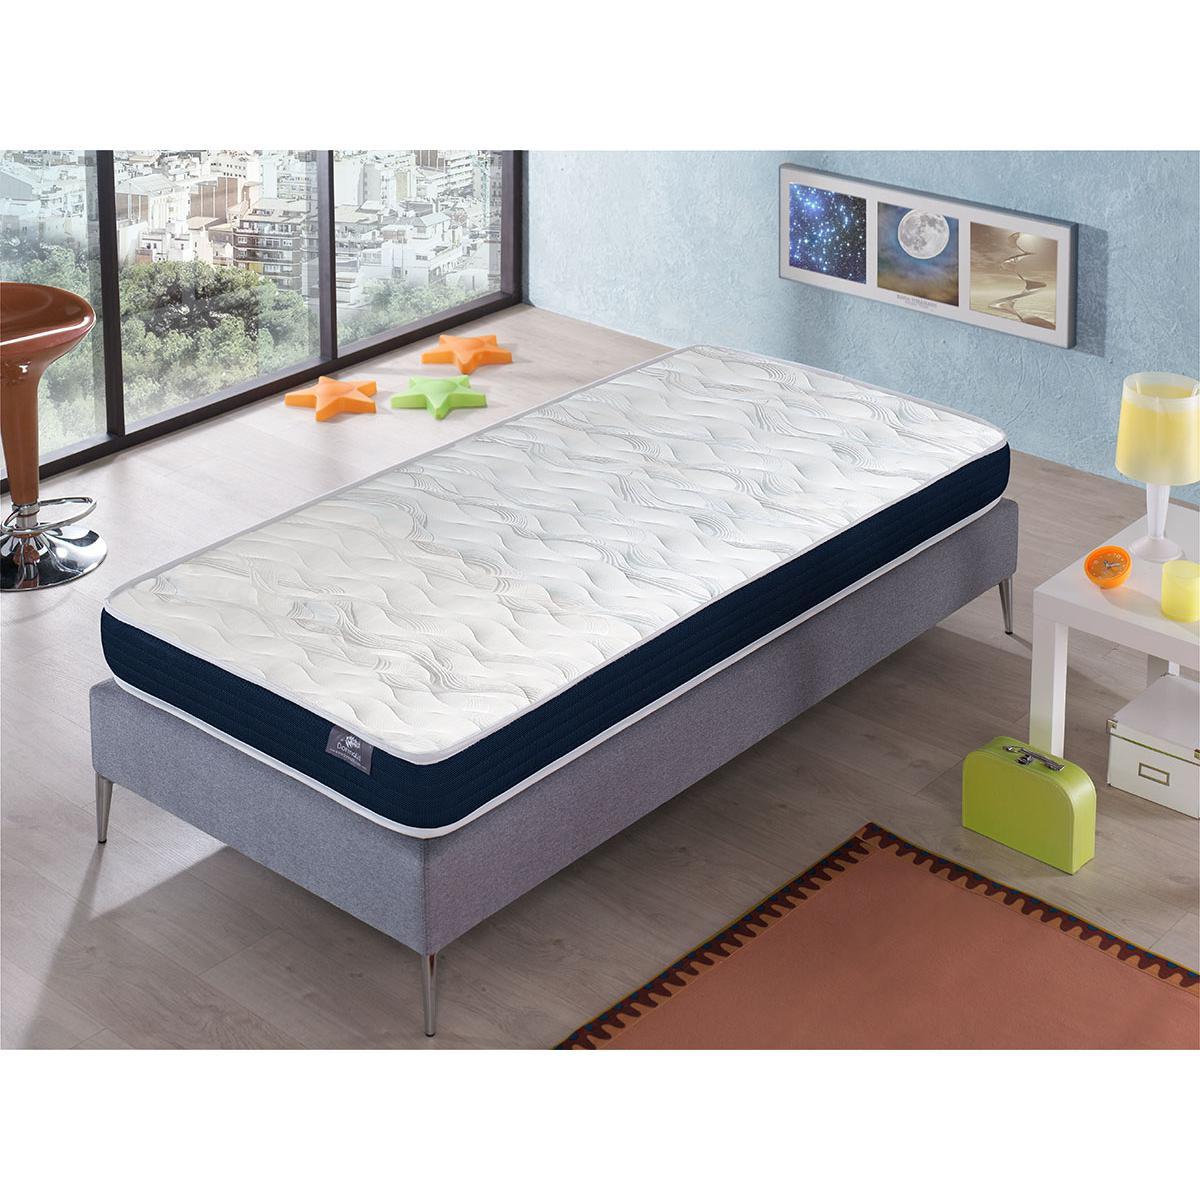 Dormalit Matelas 135X200 ERGO CONFORT Épaisseur 14 CM ? Rembourrage super soft - Juvénil - idéal pour les lits gigognes